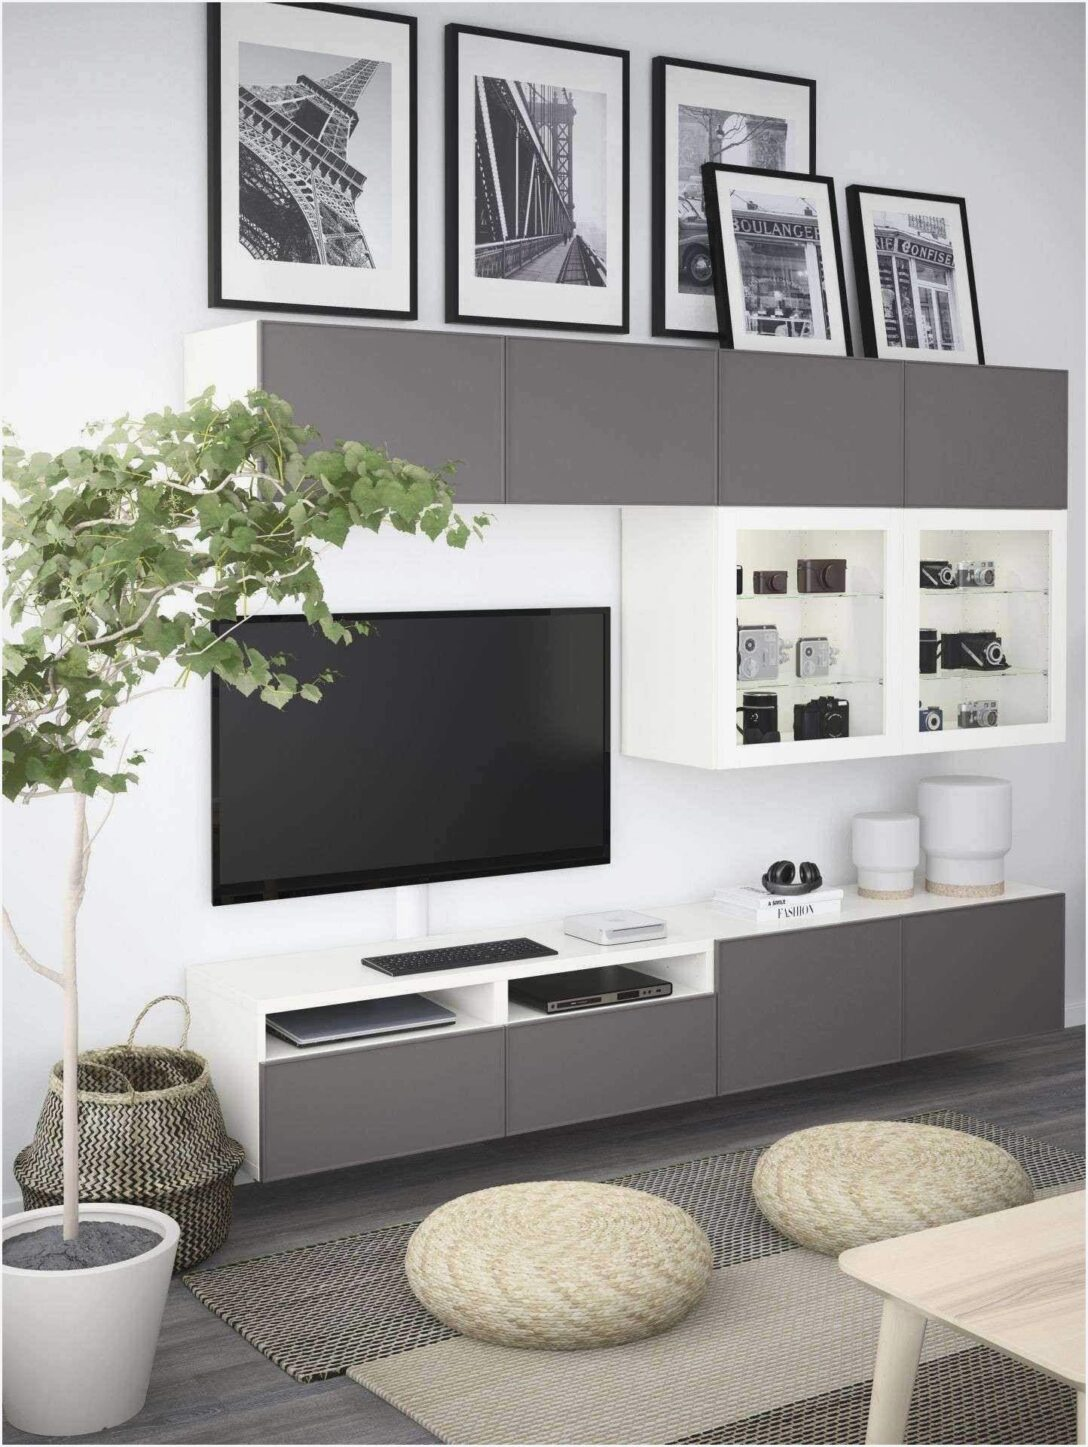 Large Size of Ikea Wandregale 39 Luxus Wohnzimmer Reizend Frisch Küche Kosten Kaufen Modulküche Miniküche Betten Bei Sofa Mit Schlaffunktion 160x200 Wohnzimmer Ikea Wandregale